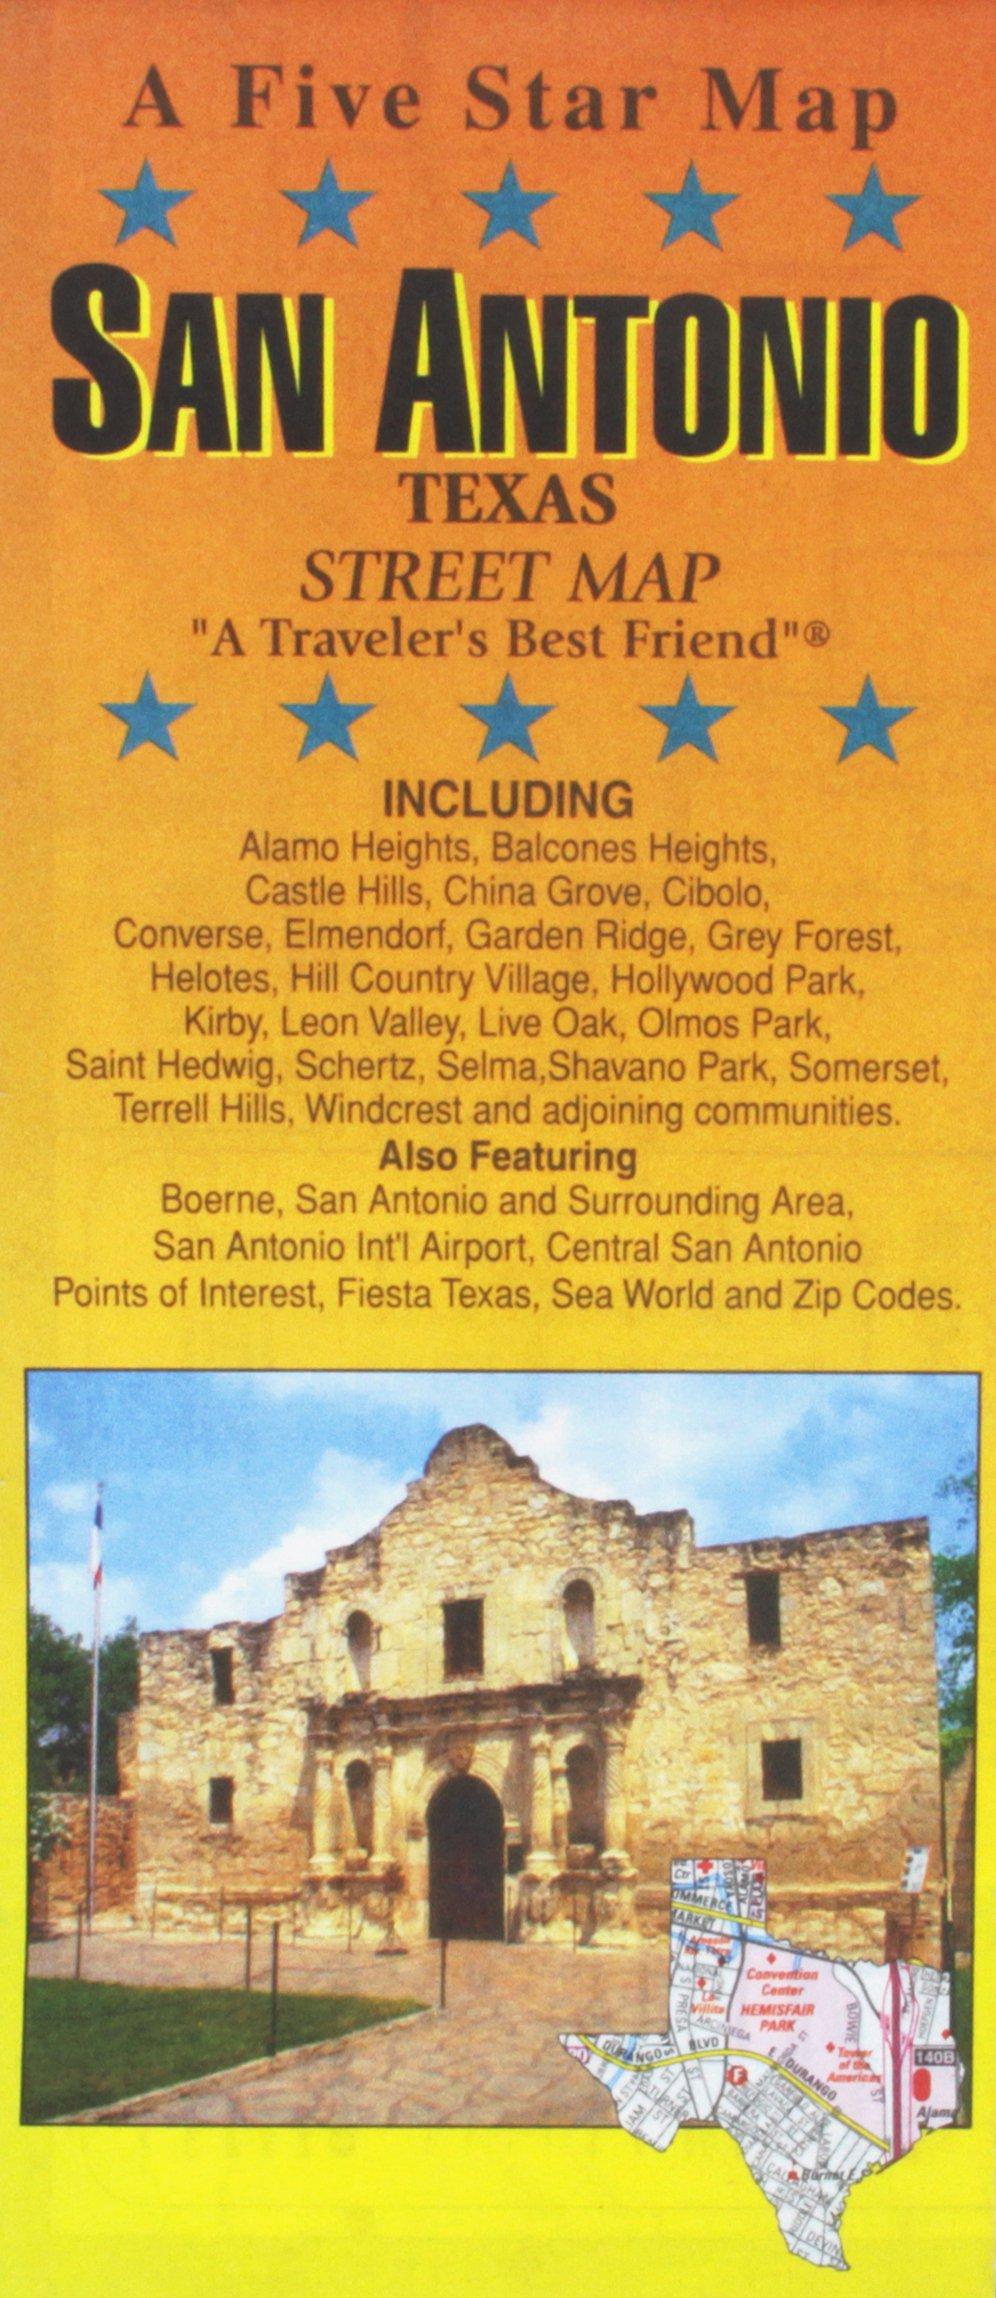 San Antonio, TX Street Map: Five Star Maps: 9781592141524 ... on alamo blueprints, brooke army medical center map, san francisco de asis mission map, alamo on us map, alamo area map, alamo colleges map, alamo mission layout, battle of alamo location map, alamo battle 1836 map, alamo city tx, alamo hawaii map, storming of bexar map, city of austin etj map, alamo battlefield map, alamo nevada map, san jacinto goliad texas map, the alamo map, alamo location on map, alamo original map, fort alamo map,